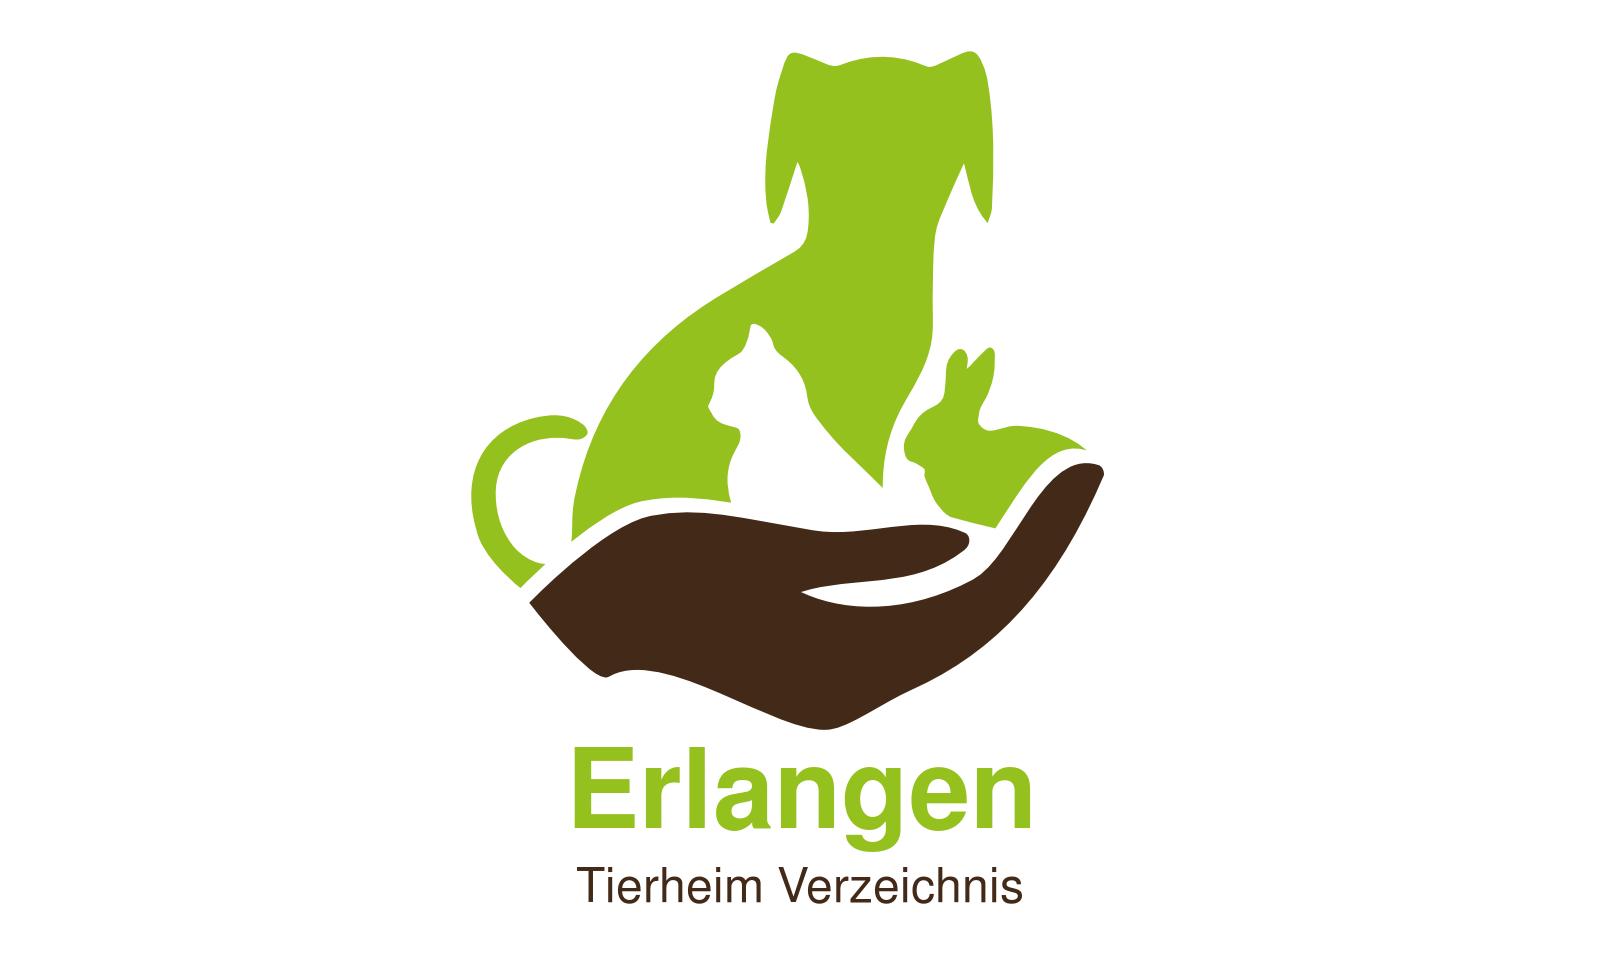 Tierheim Erlangen